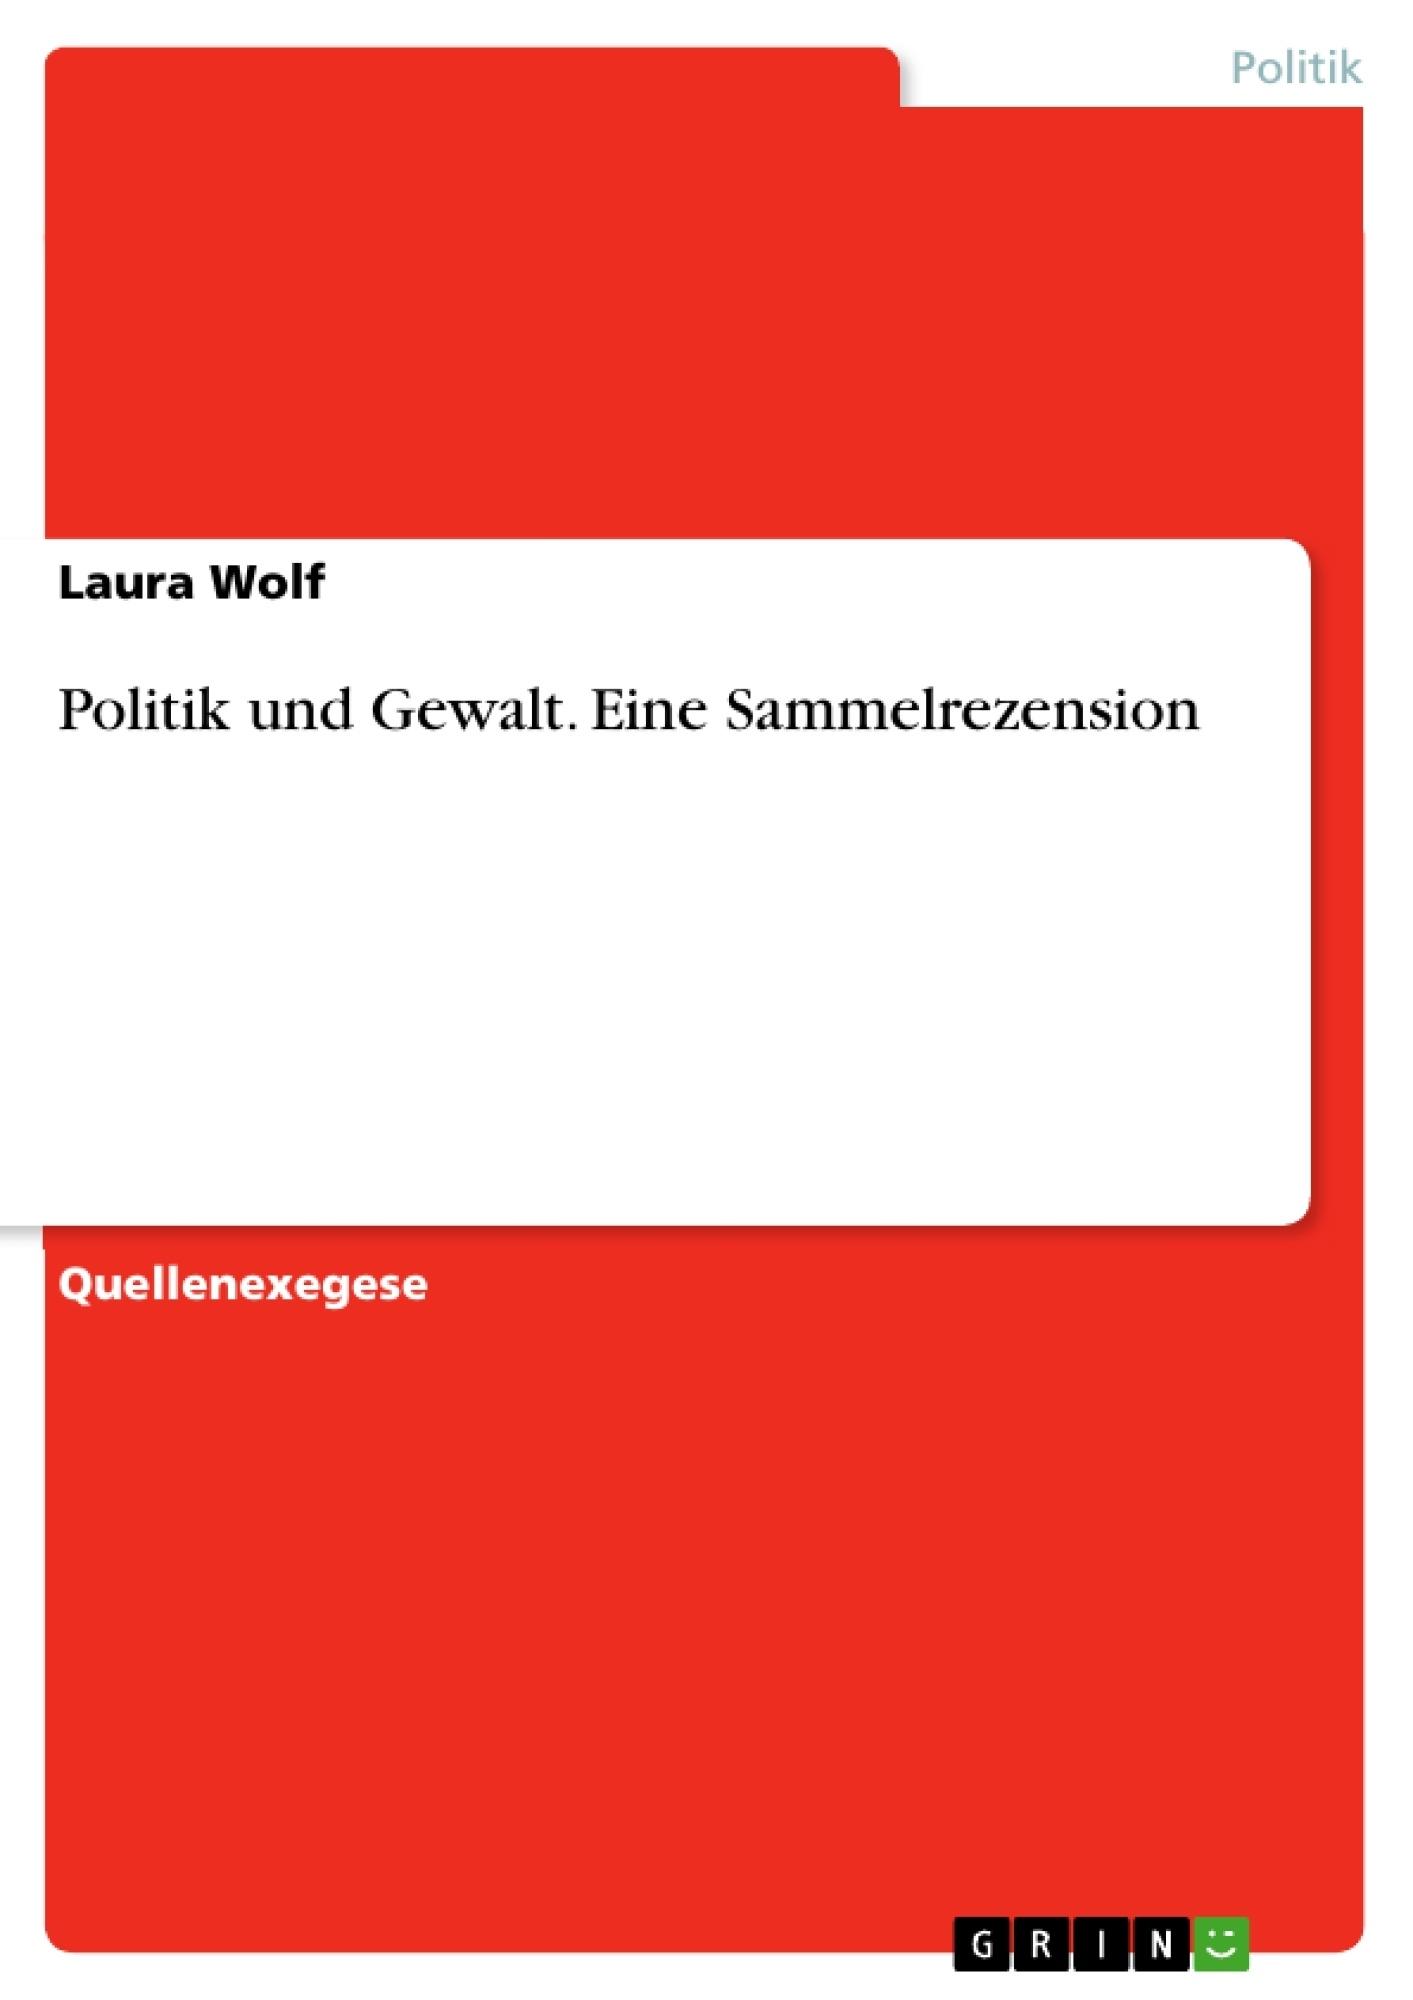 Titel: Politik und Gewalt. Eine Sammelrezension